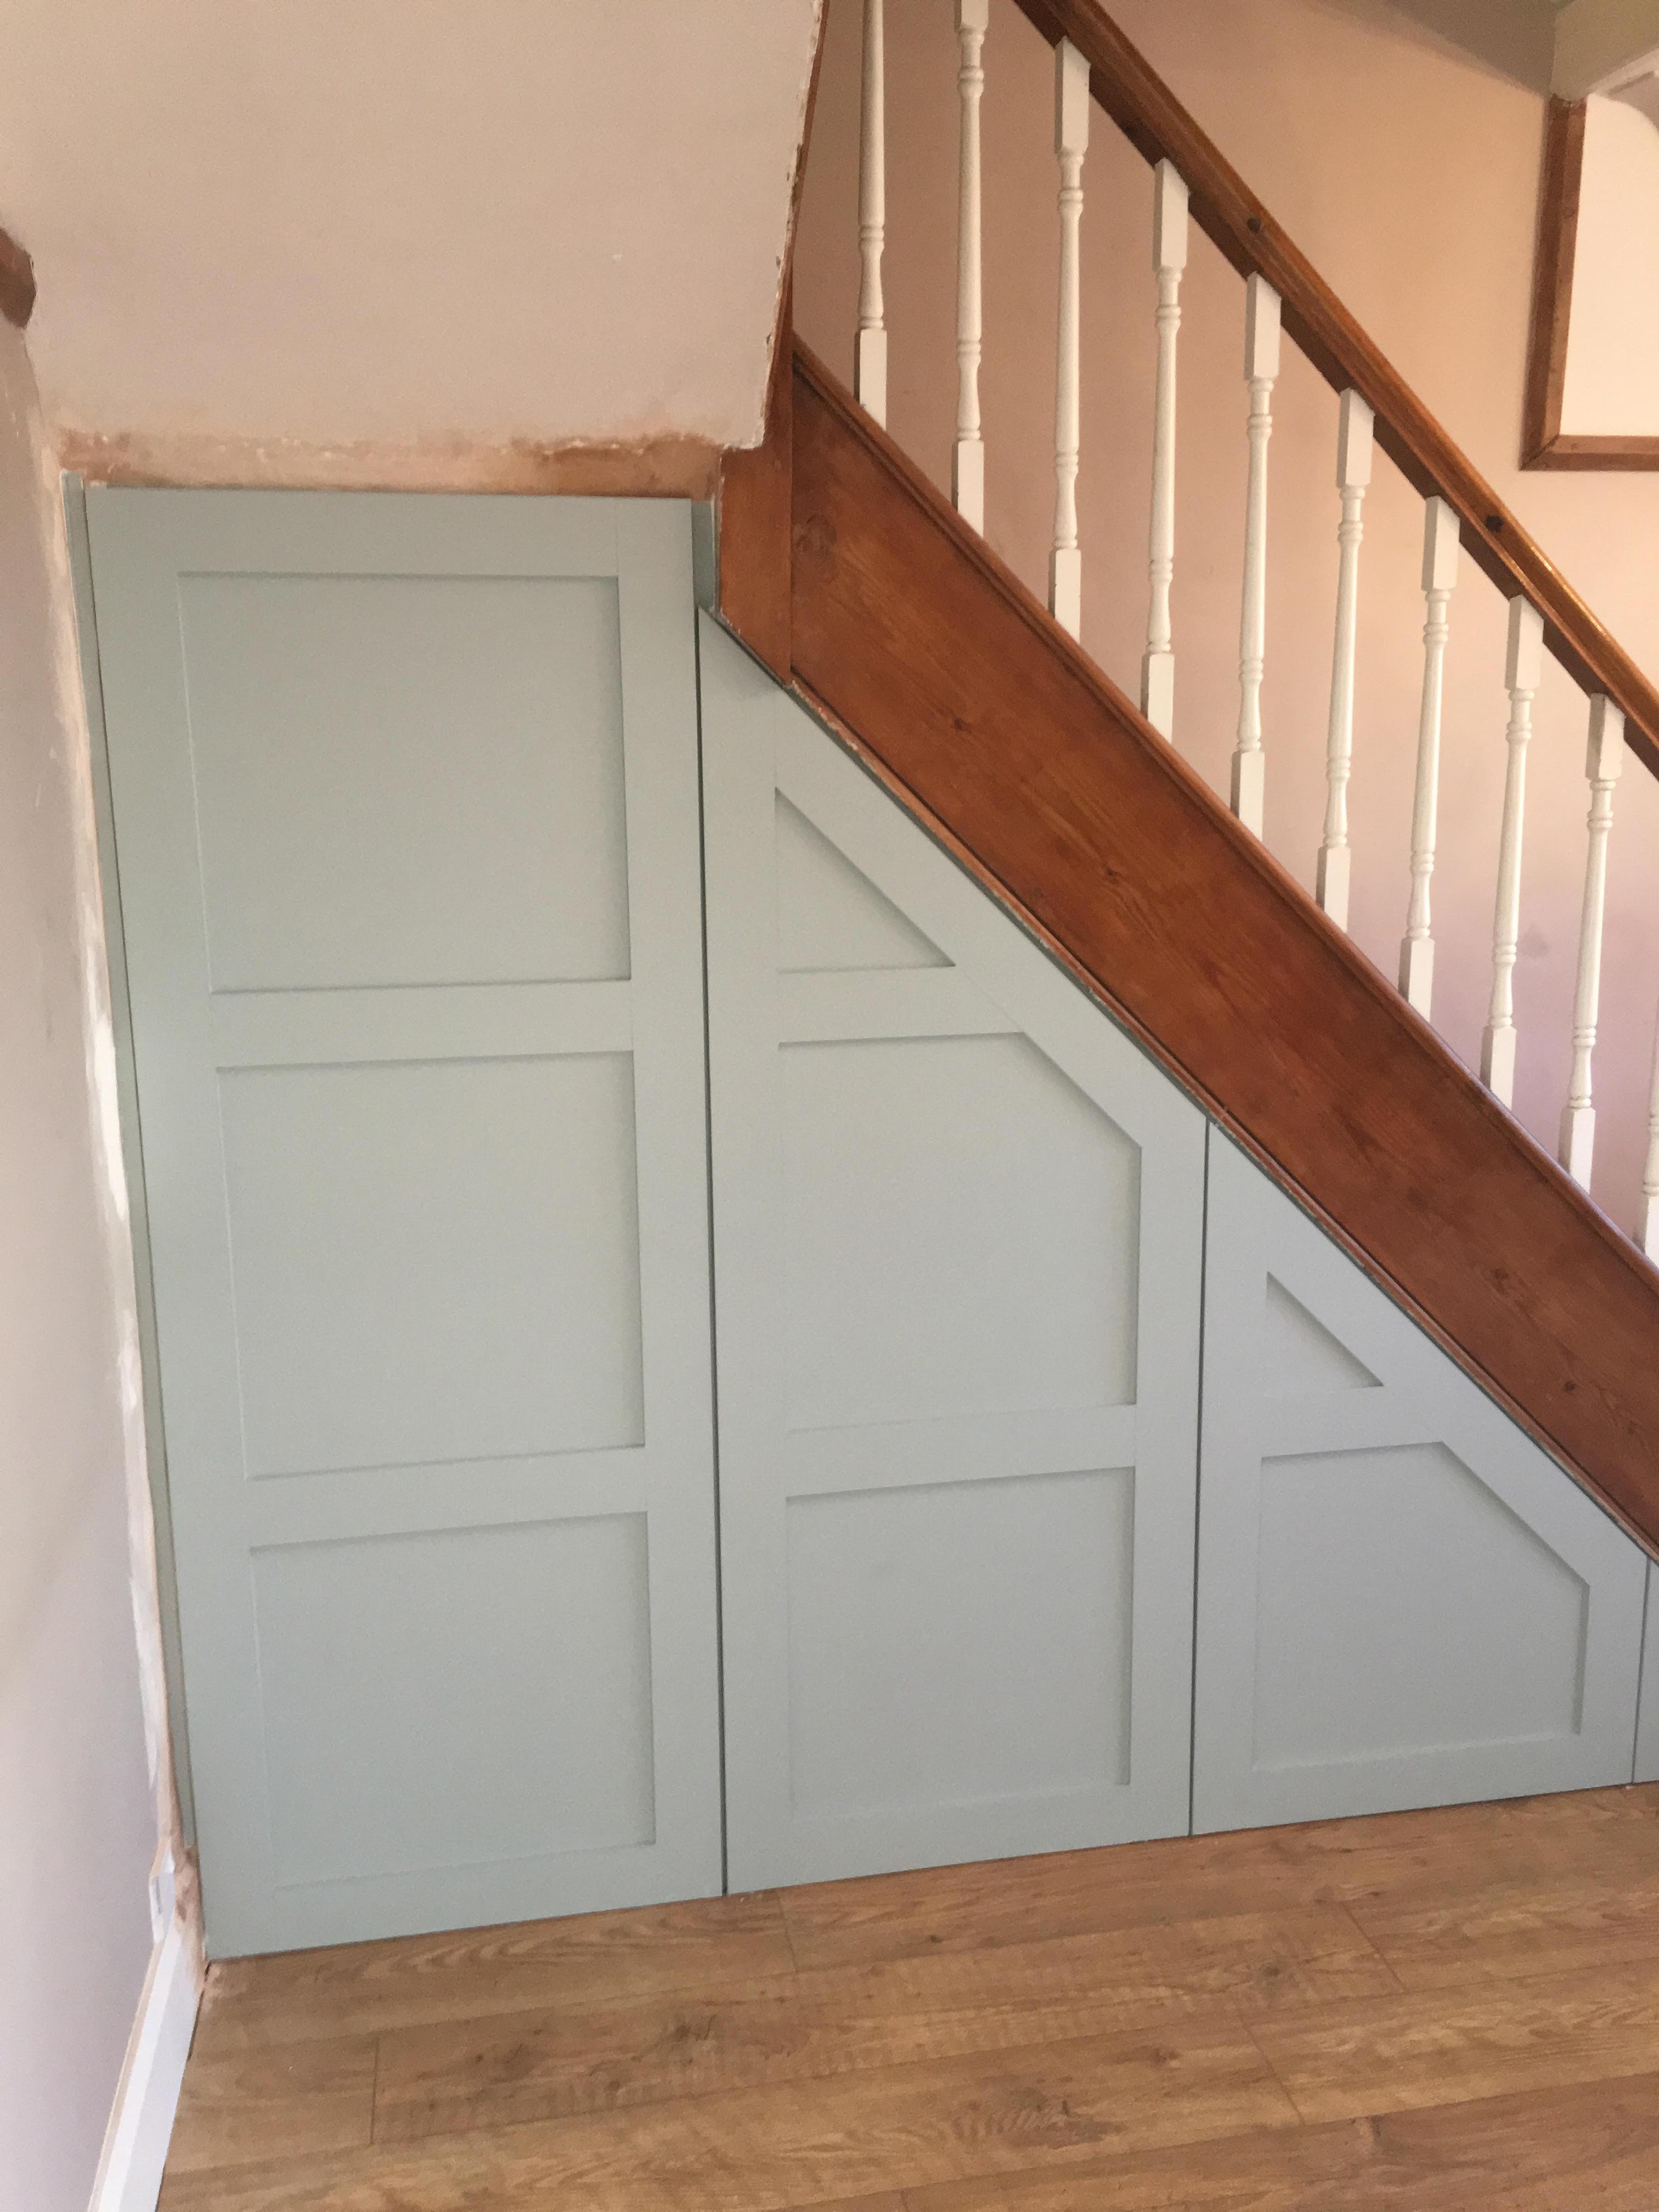 Bespoke understairs cupboard doors